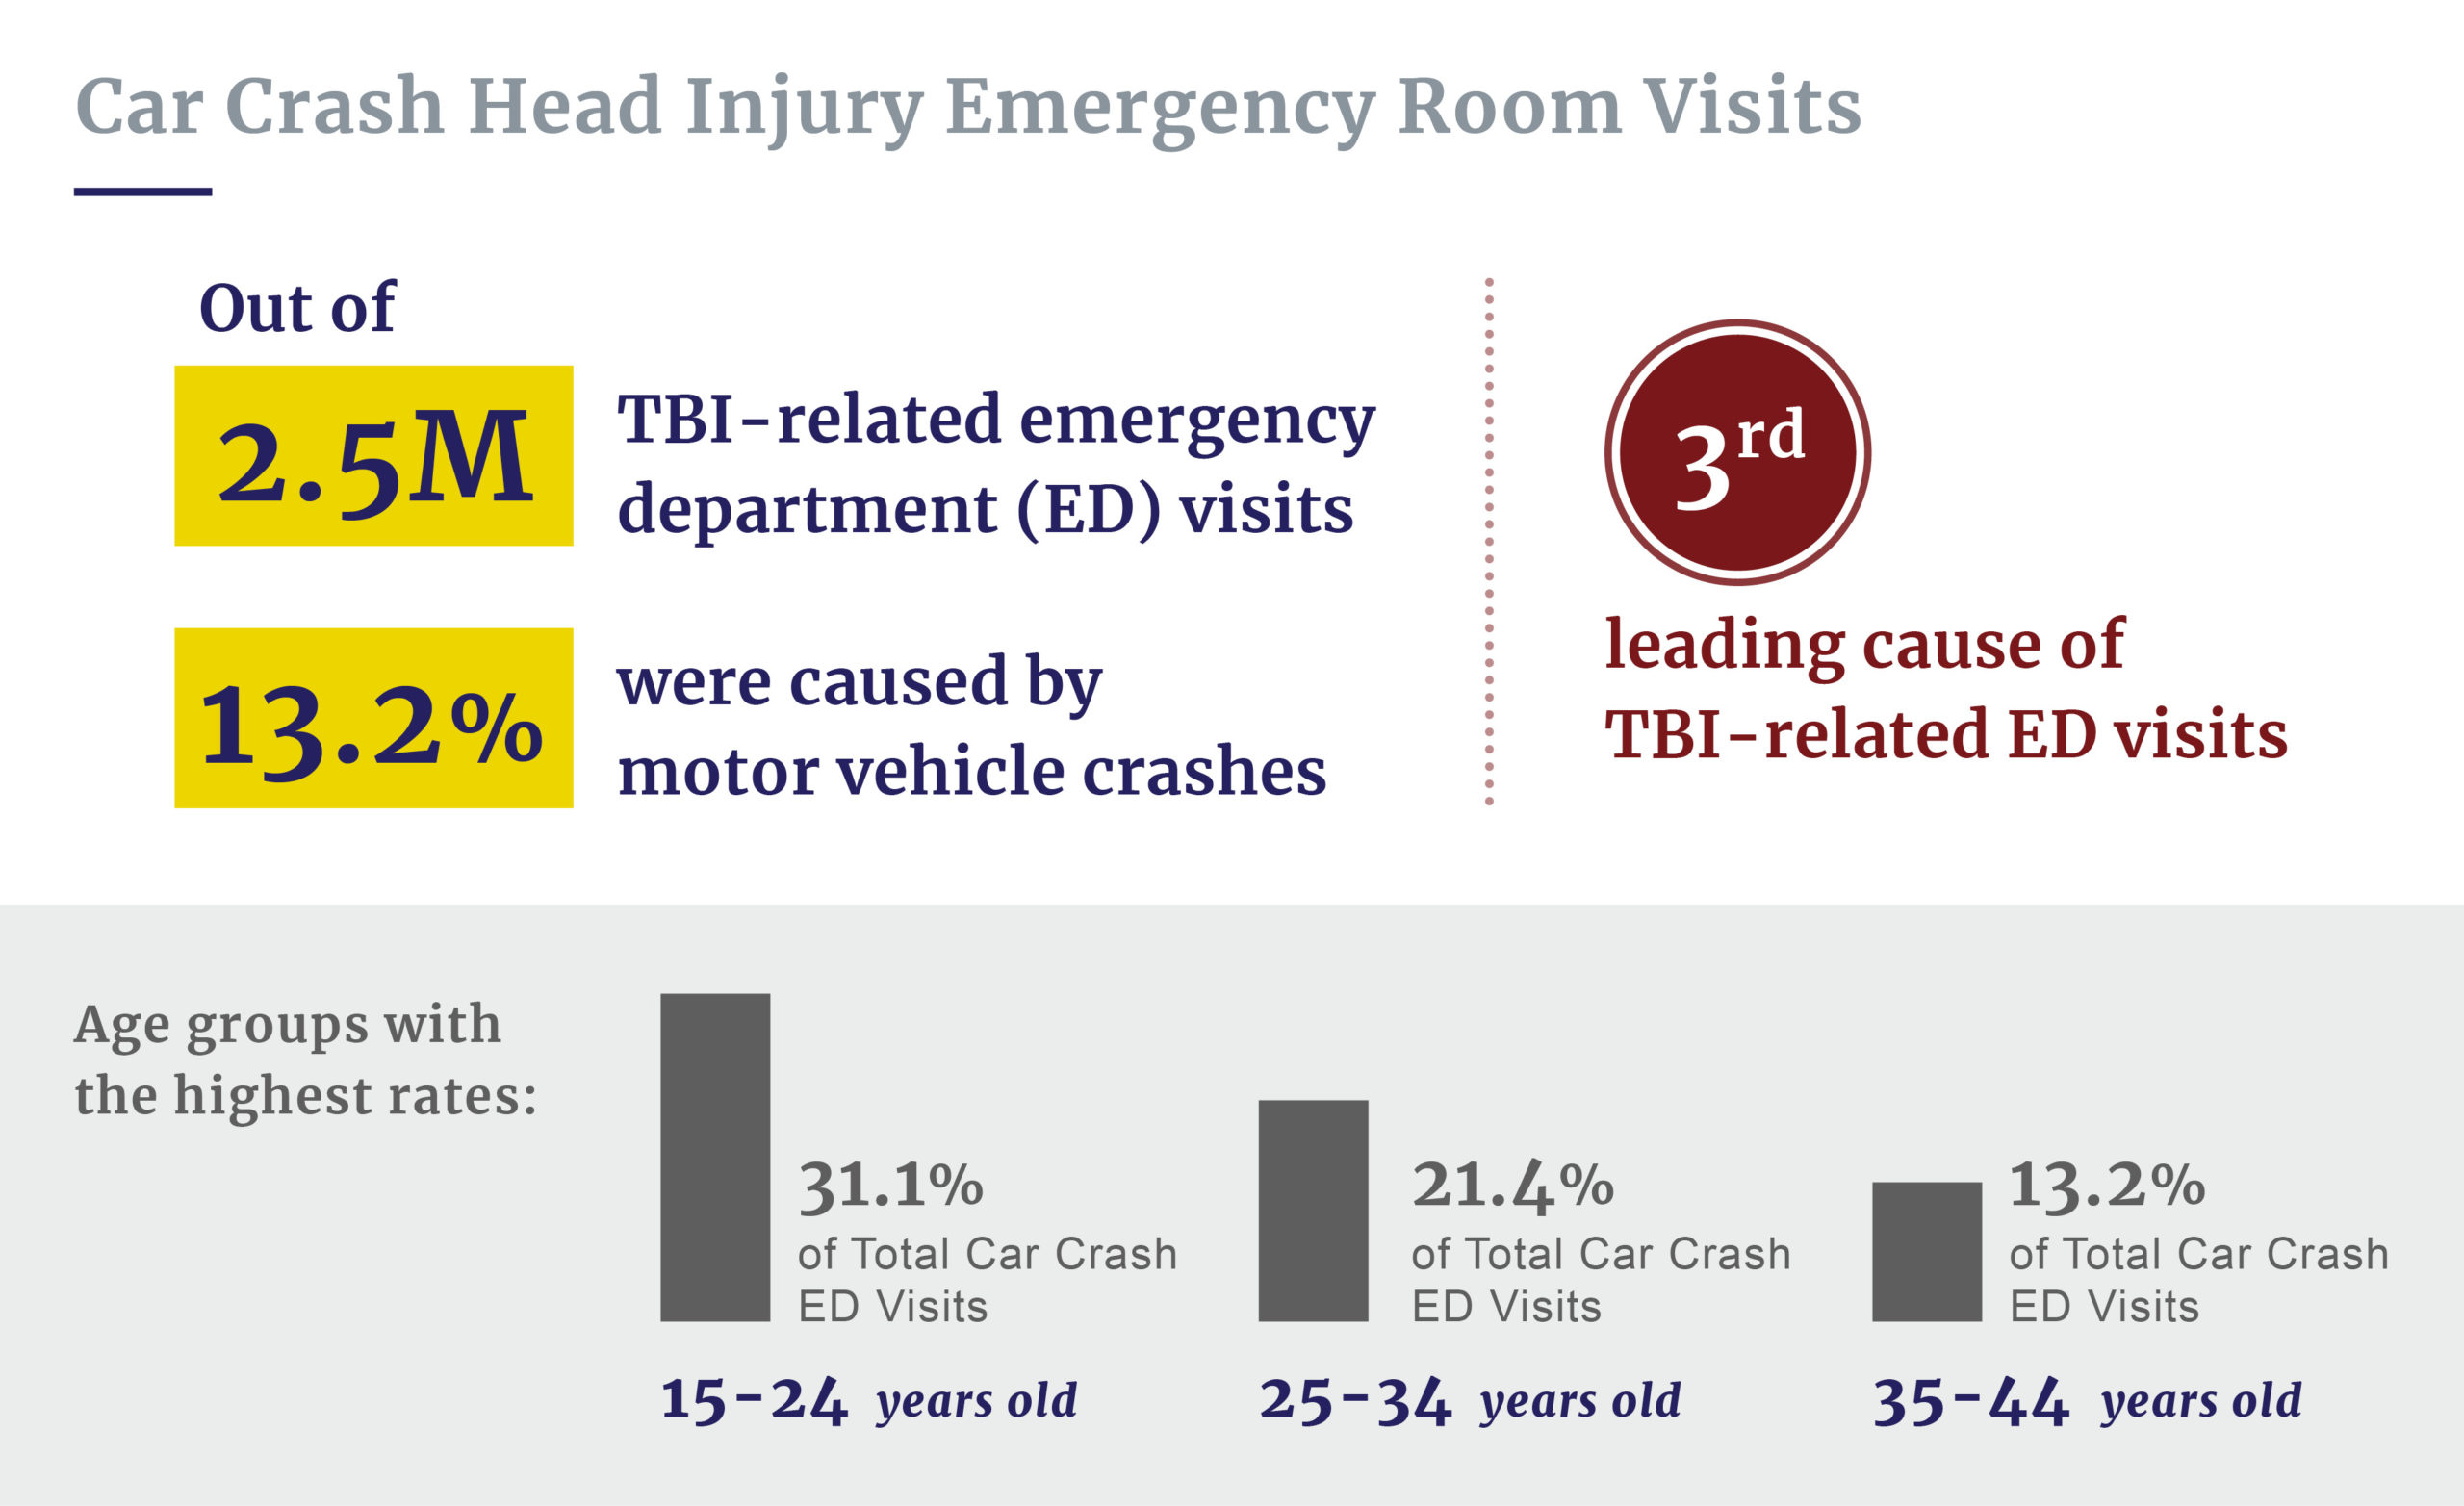 Car crash head injury ER visits